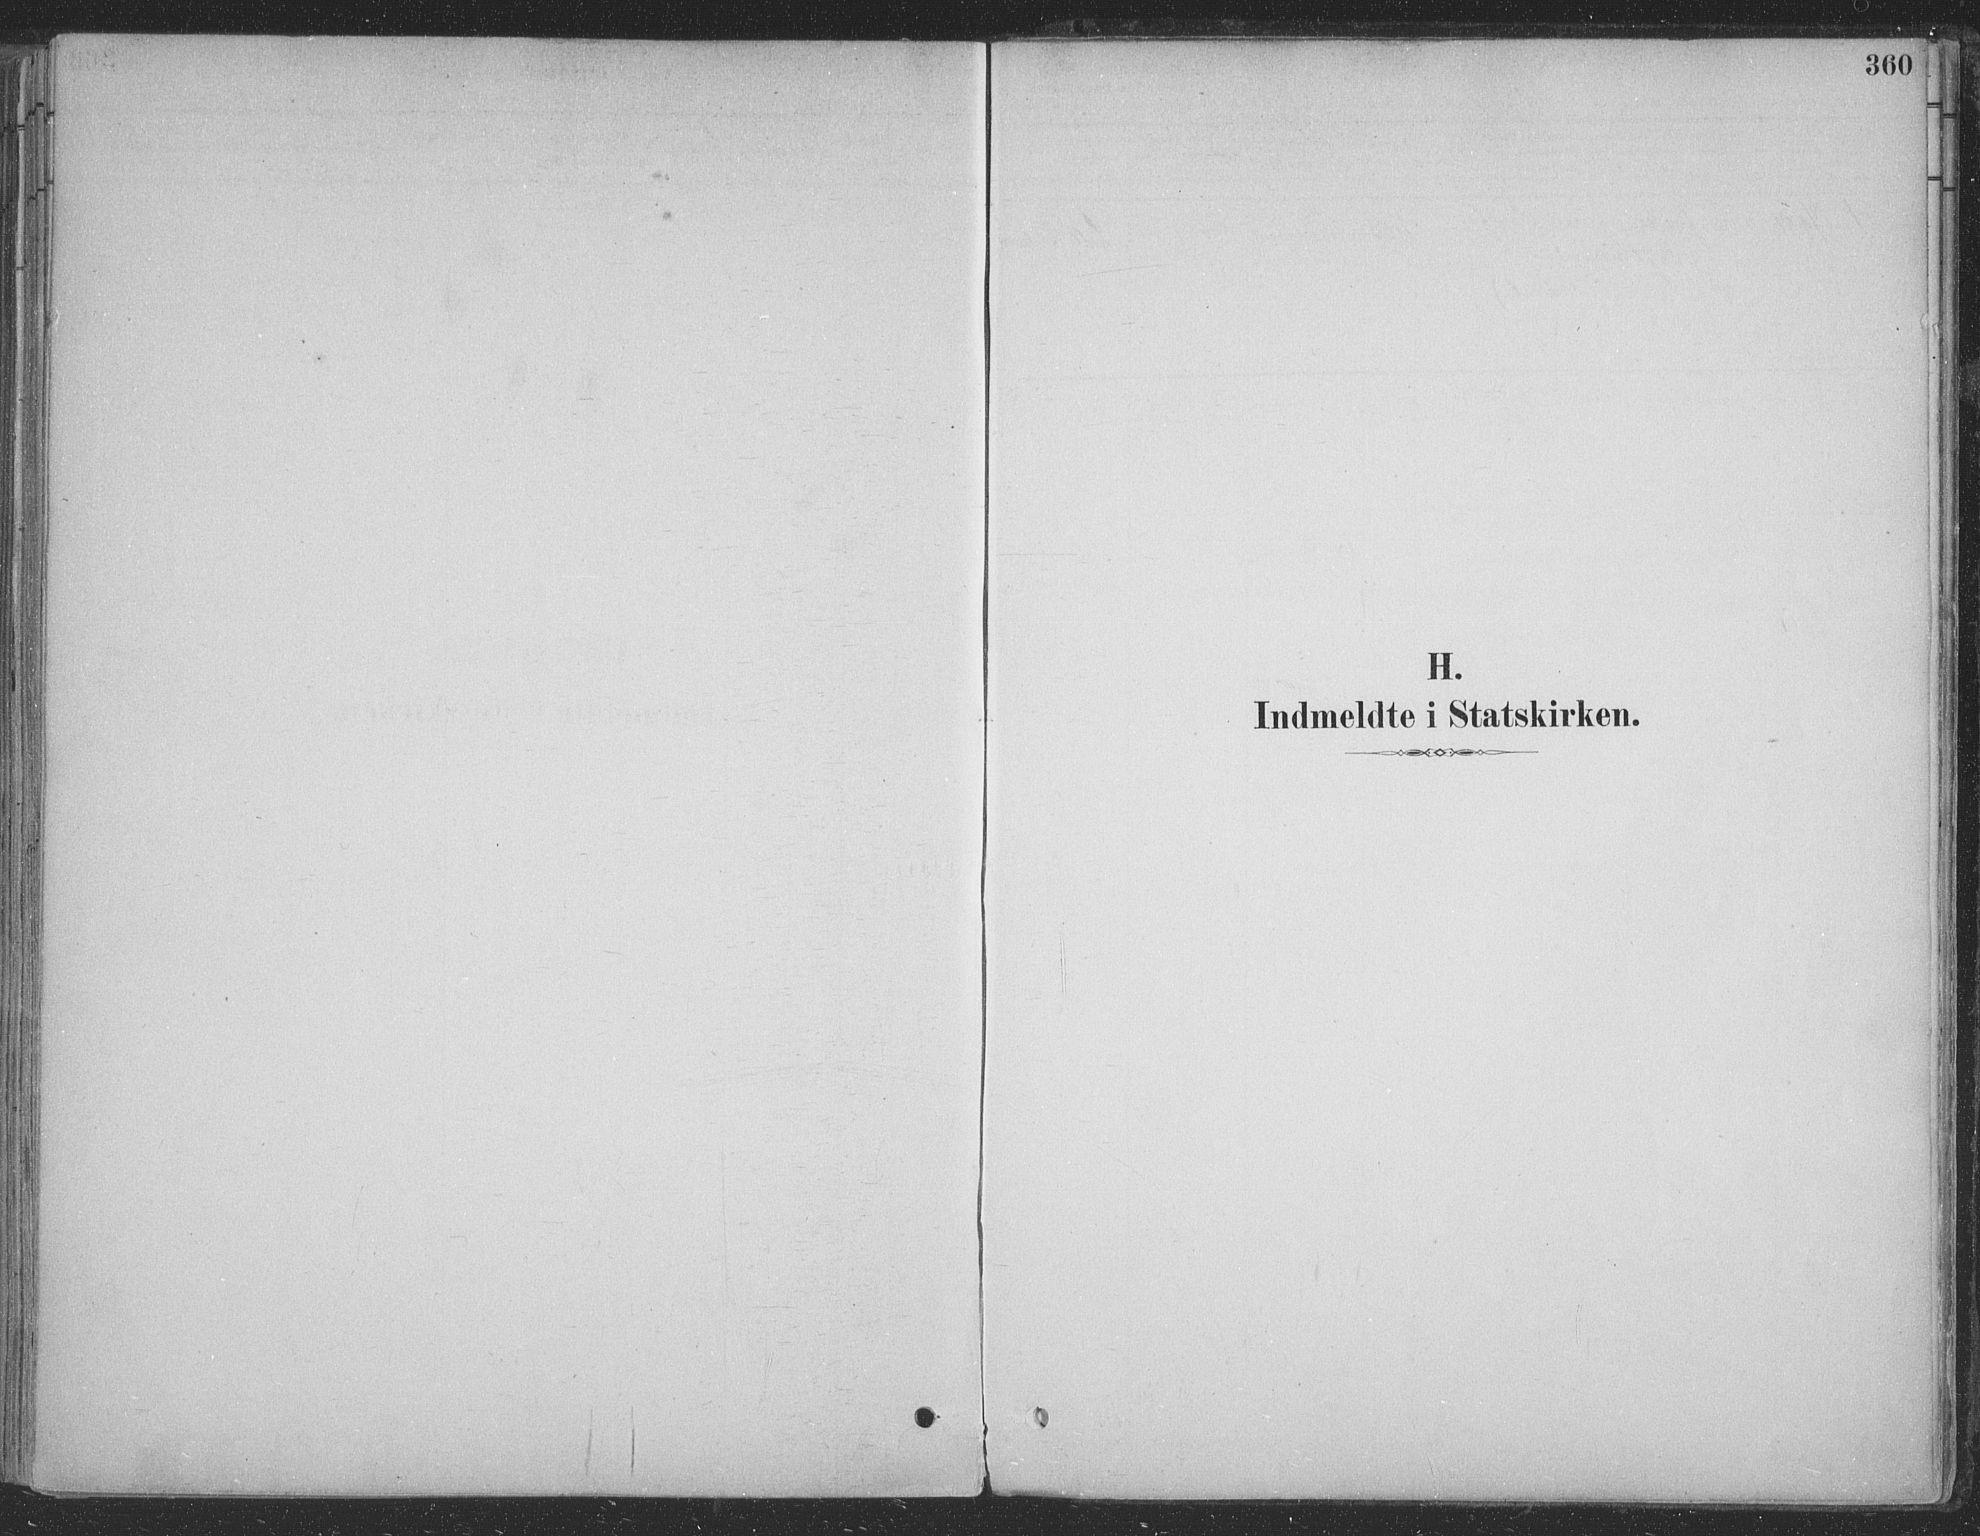 SATØ, Vadsø sokneprestkontor, H/Ha/L0009kirke: Ministerialbok nr. 9, 1881-1917, s. 360